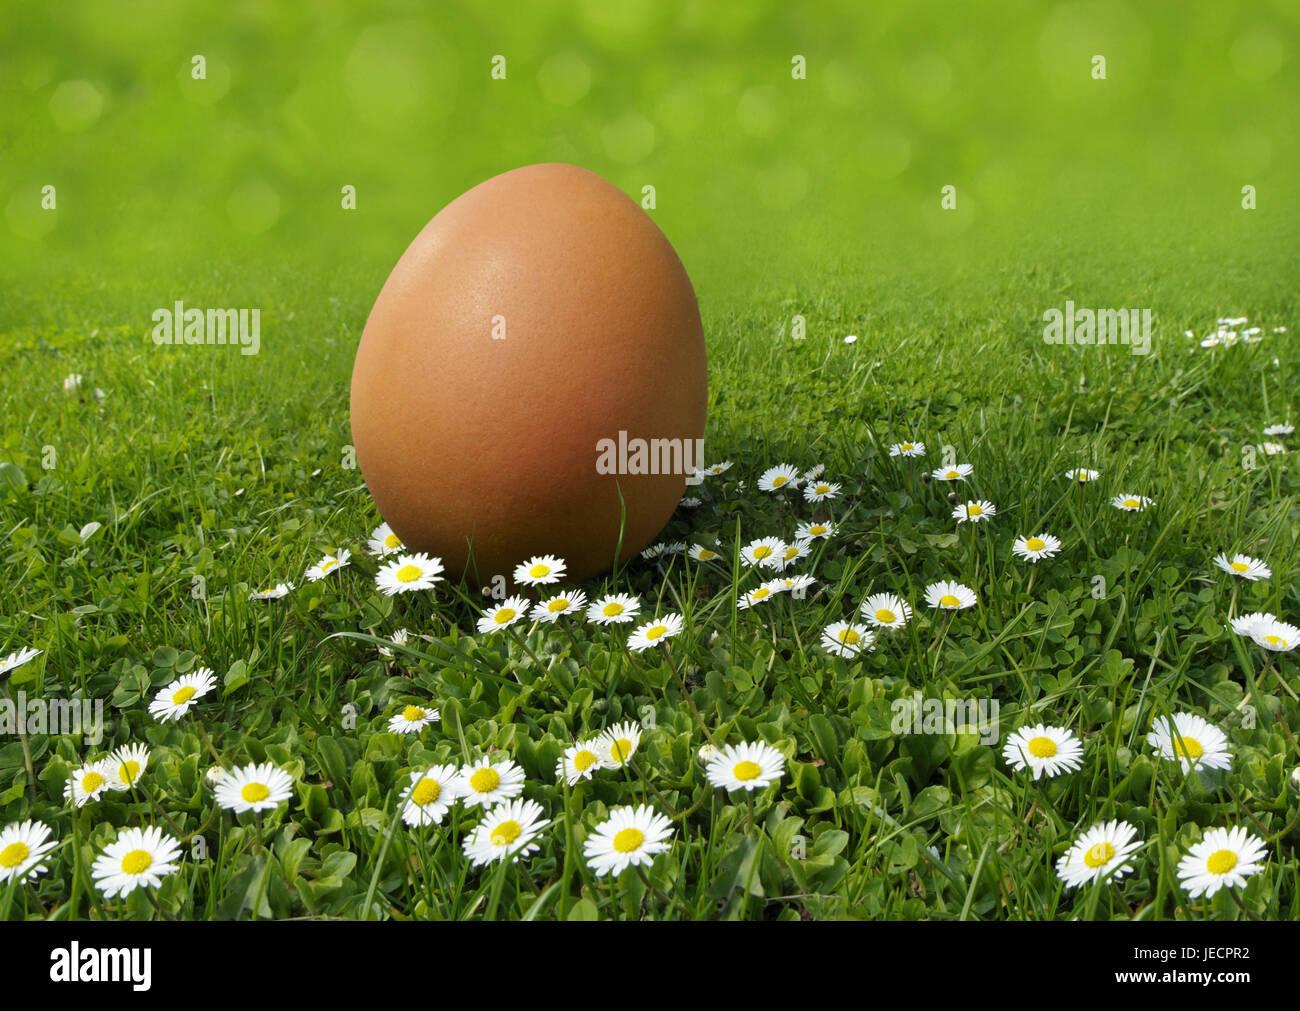 Fertility Icon Stockfotos & Fertility Icon Bilder - Alamy